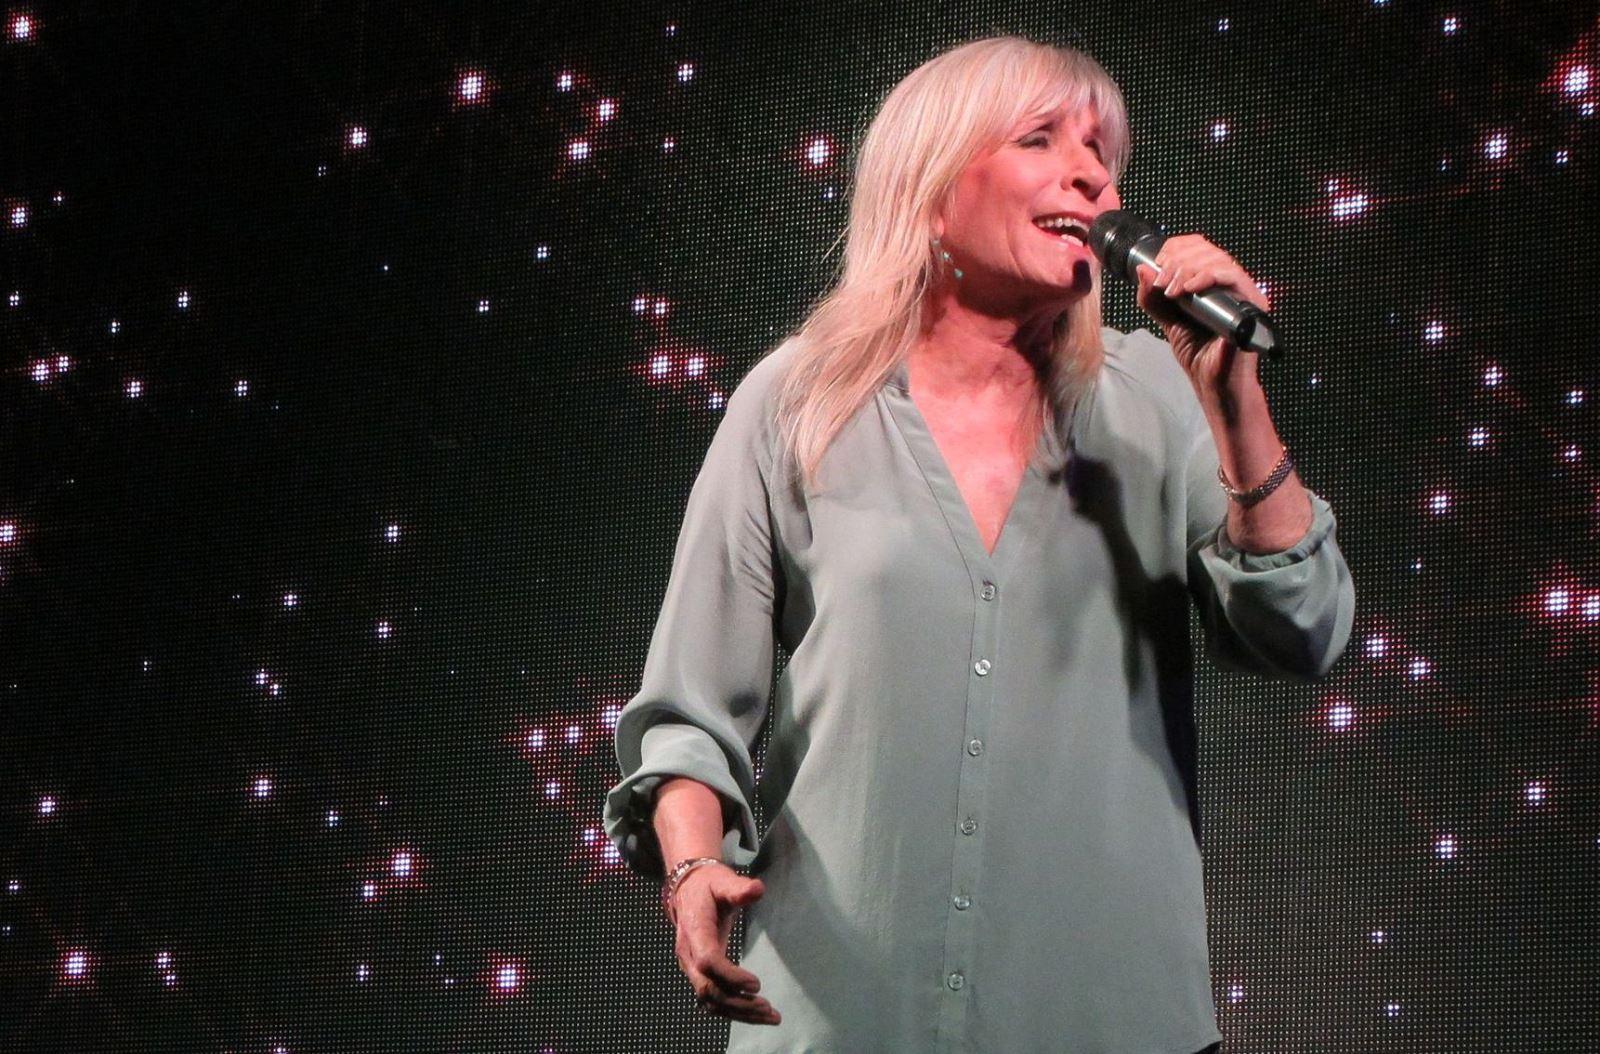 צפו: הזמרת אילנית שרה ומברכת את מייסד ערב ערב באילת לכבוד יום הולדתו ה-90 - מרגש!